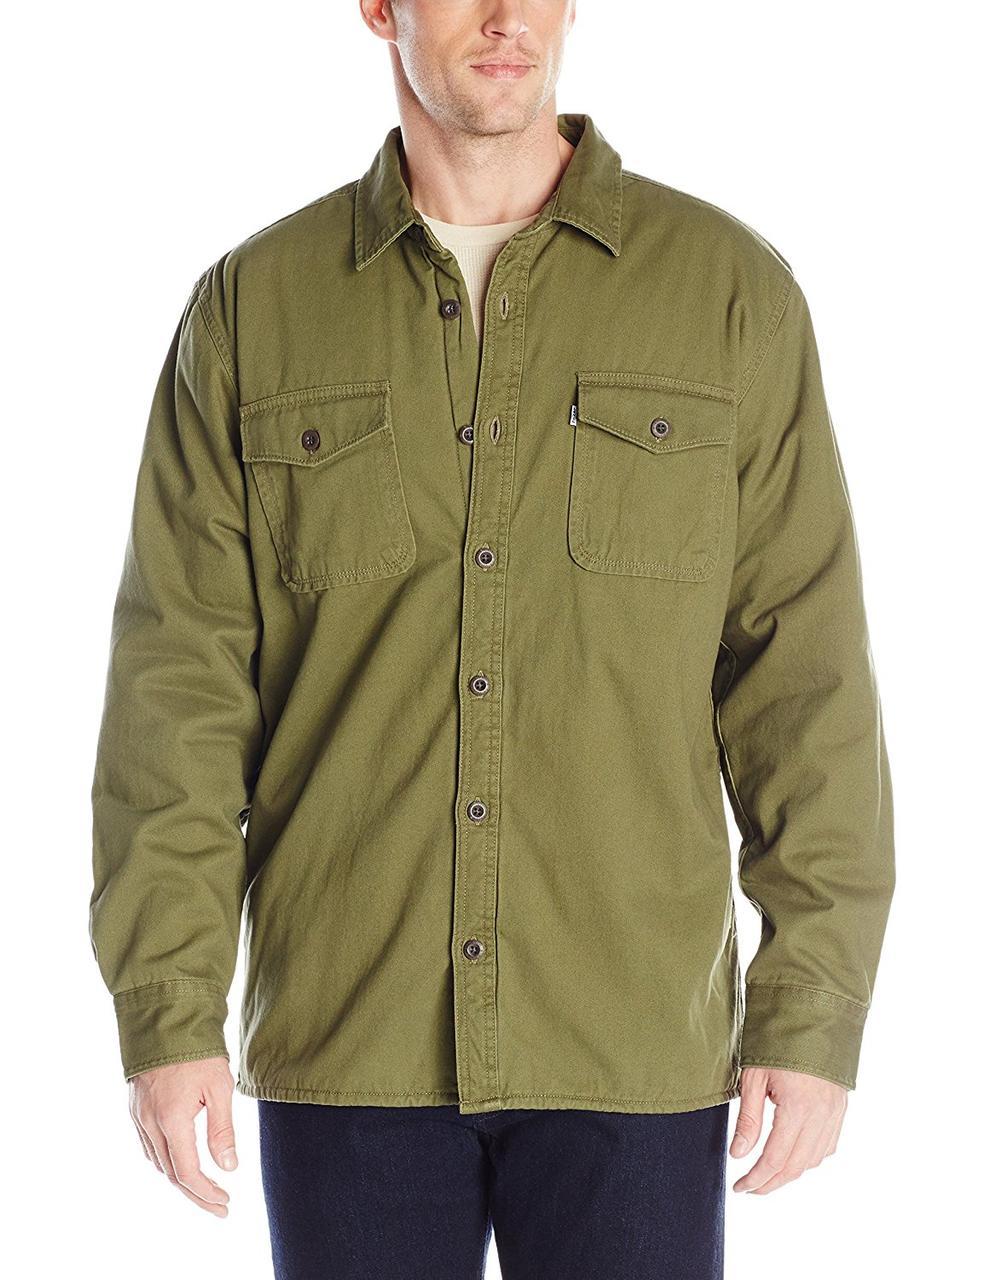 Куртка Levi's Rittner, M, Dark Olive, 3LYLW7252